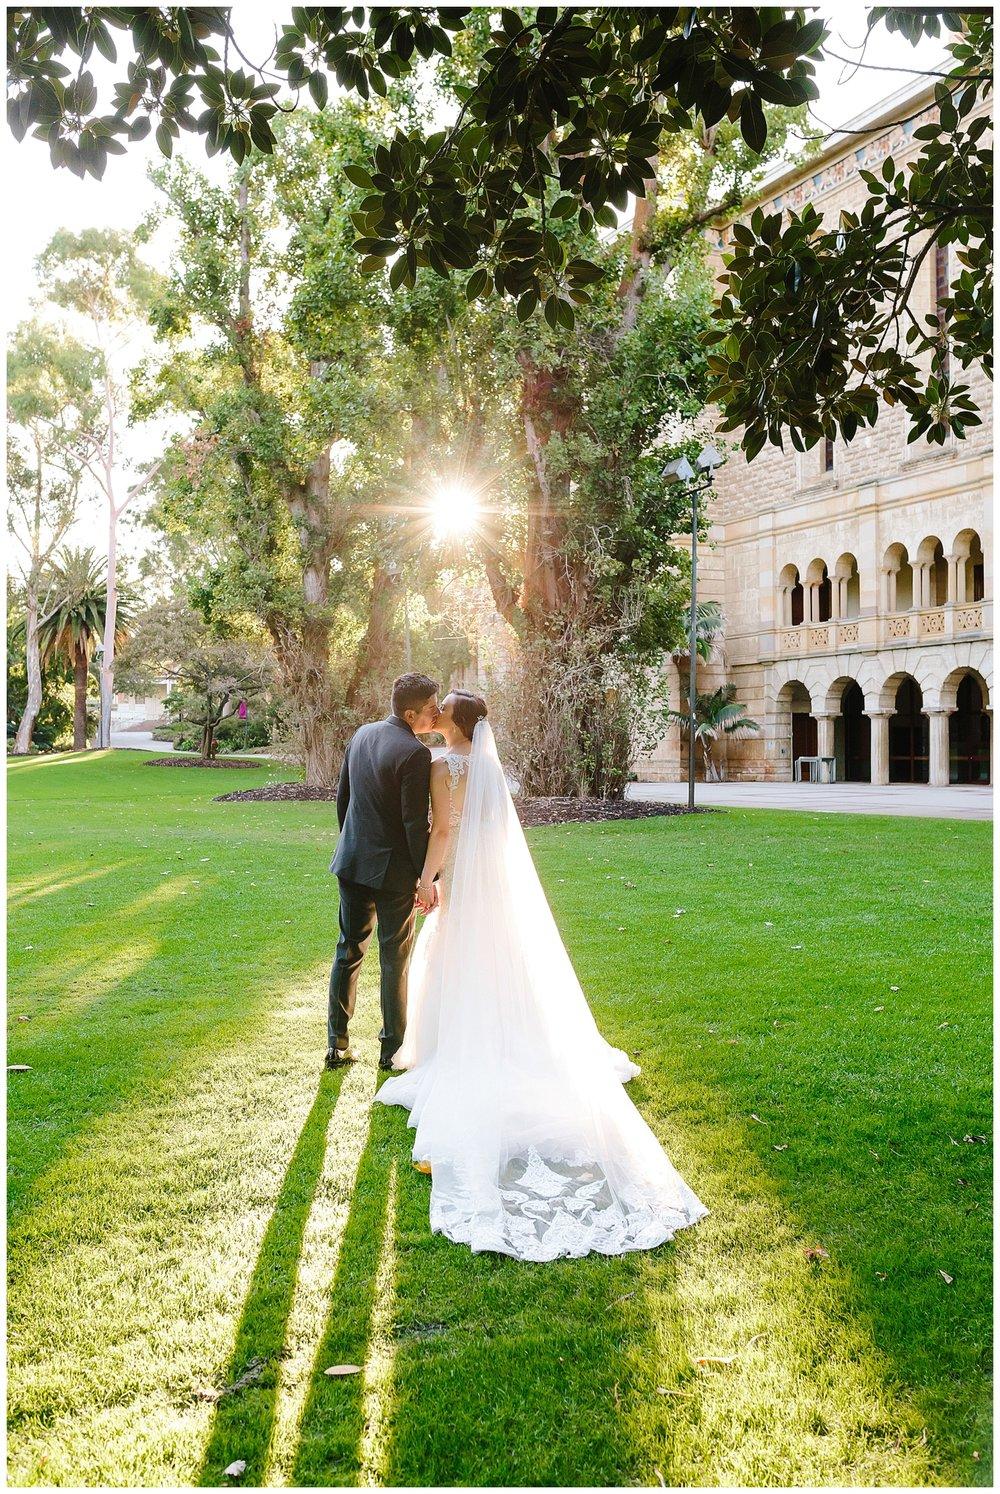 Wedding photos at UWA